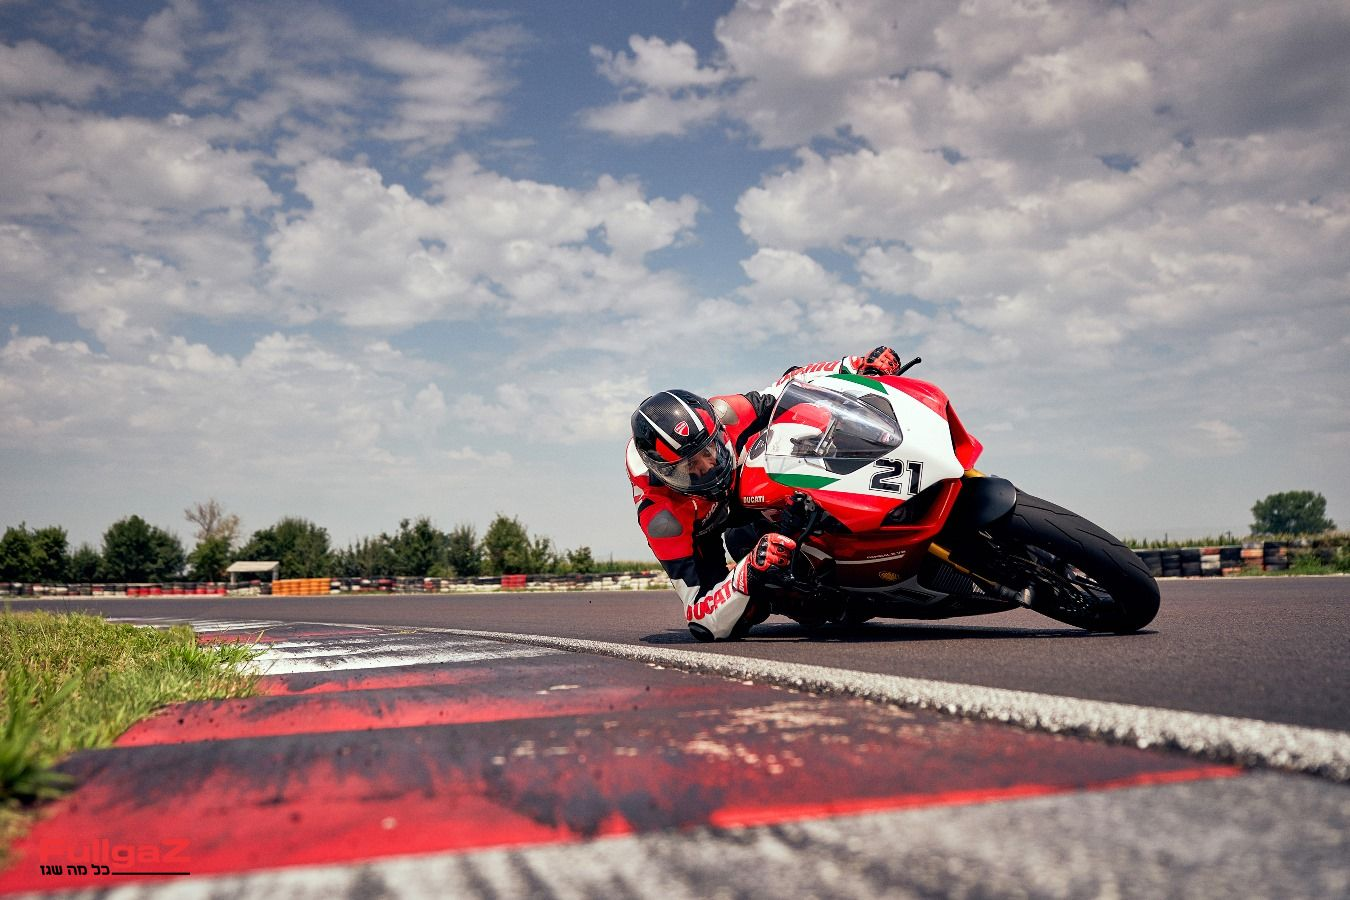 Ducati-Panigale-V2-Bayliss-019